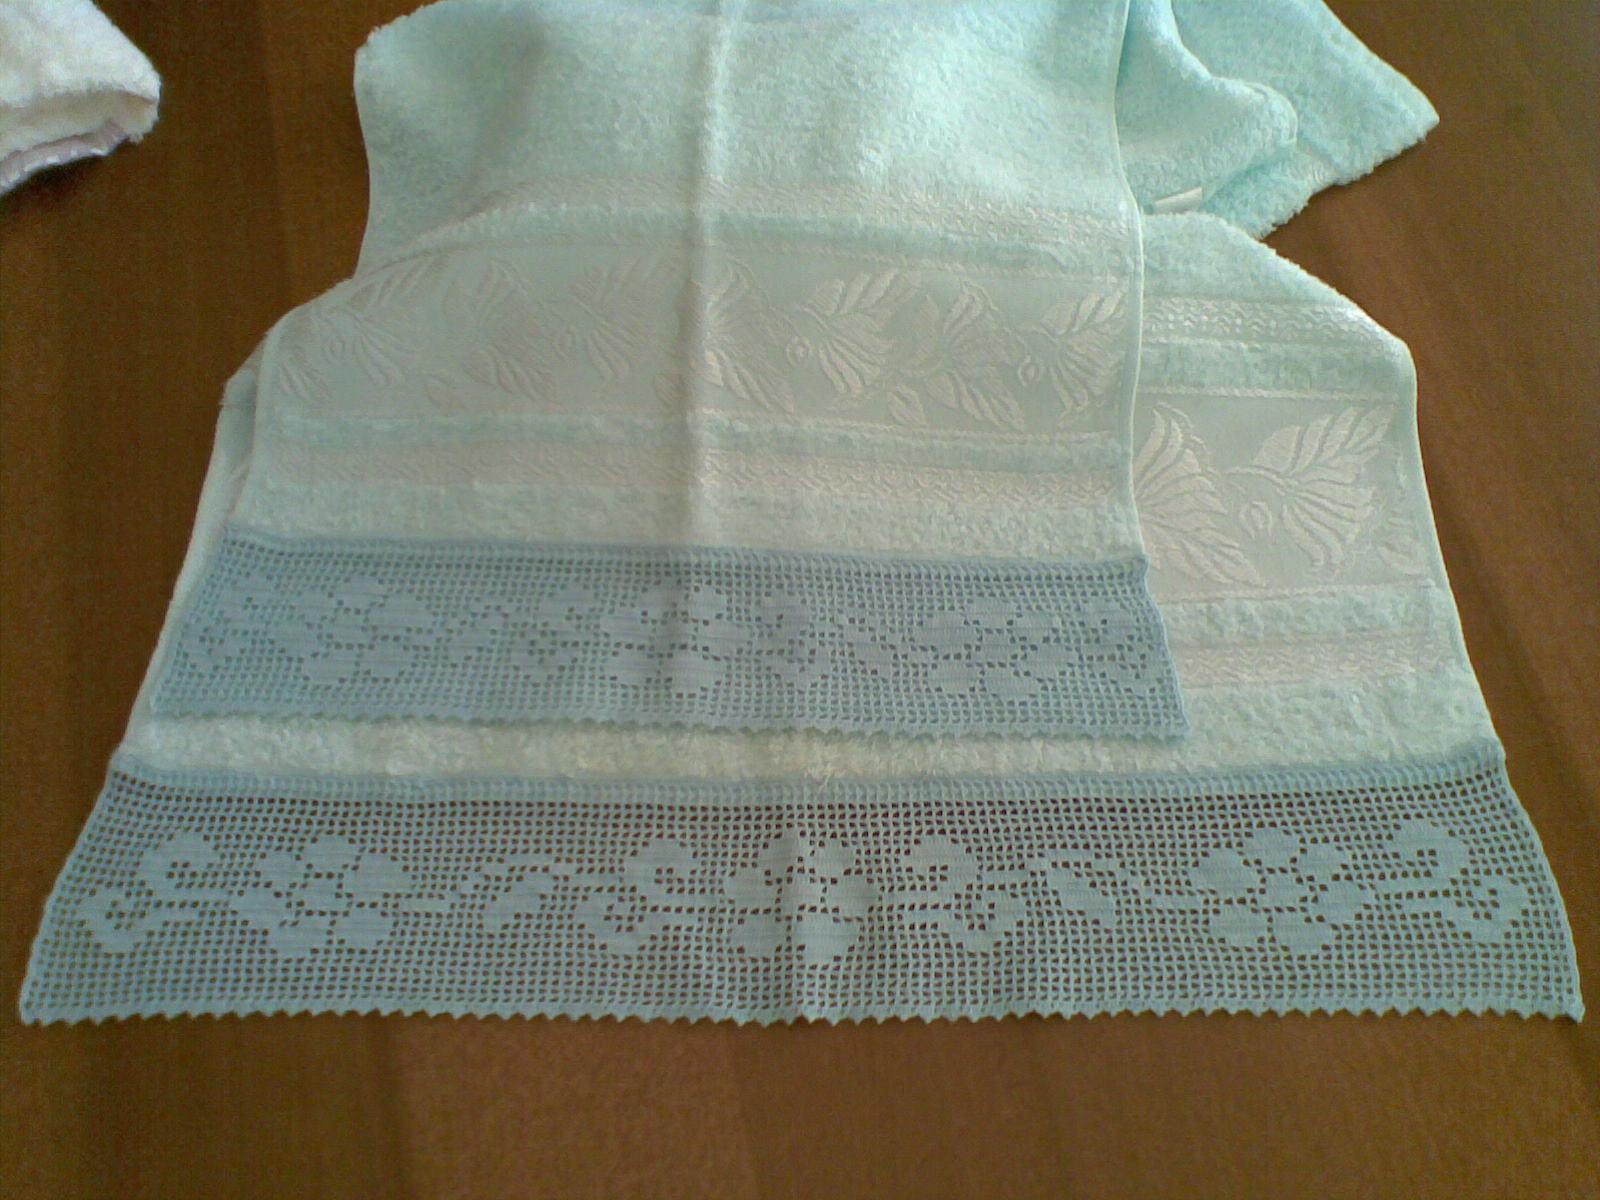 Le creazioni di maria zuccarello bordure all 39 uncinetto for Bordi uncinetto per asciugamani